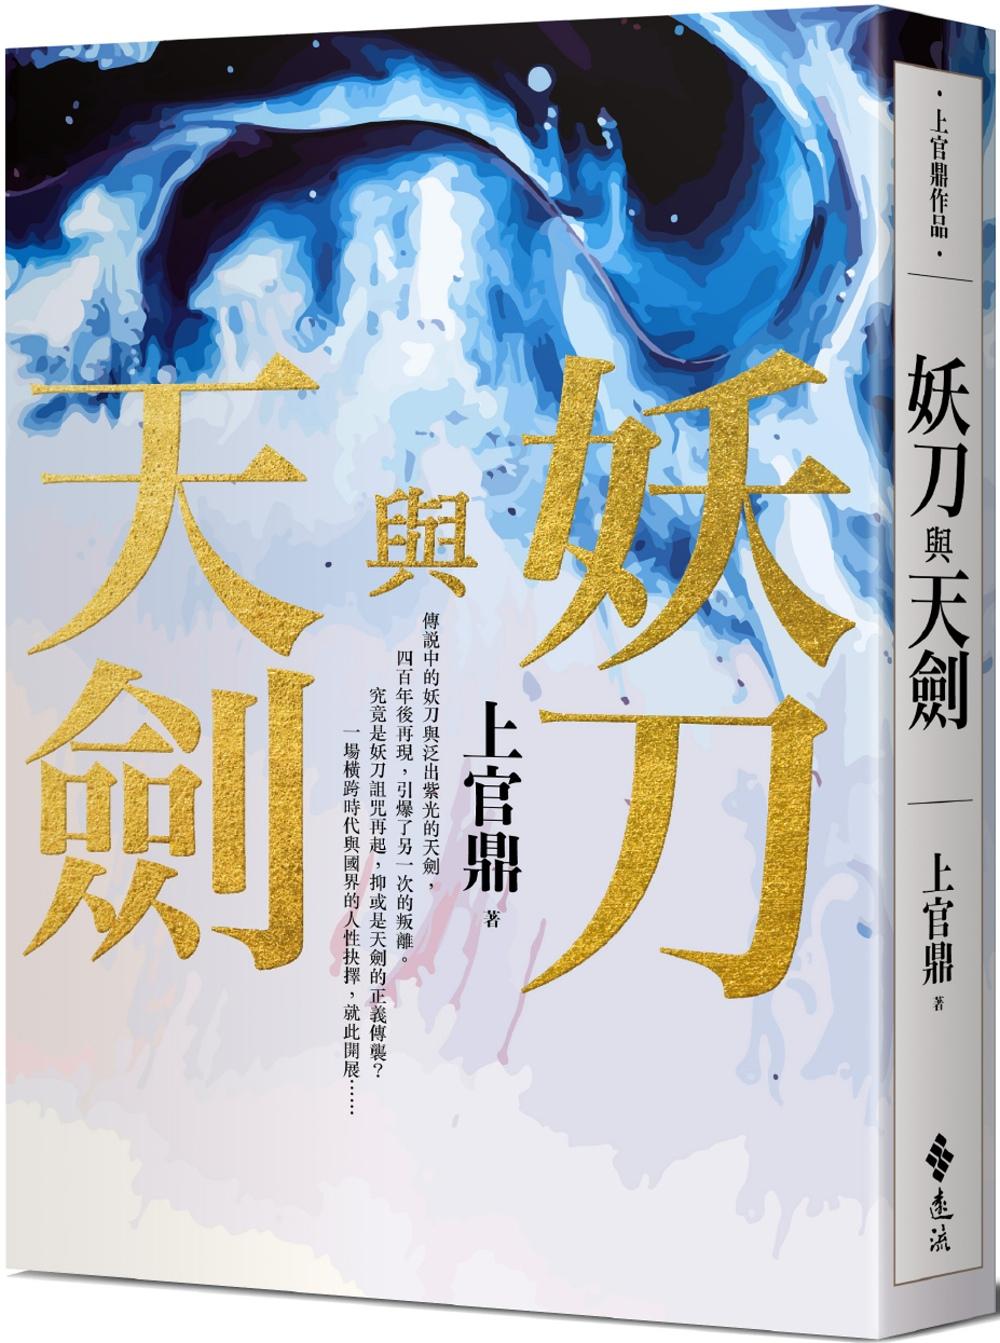 妖刀與天劍(限量作者親簽版)